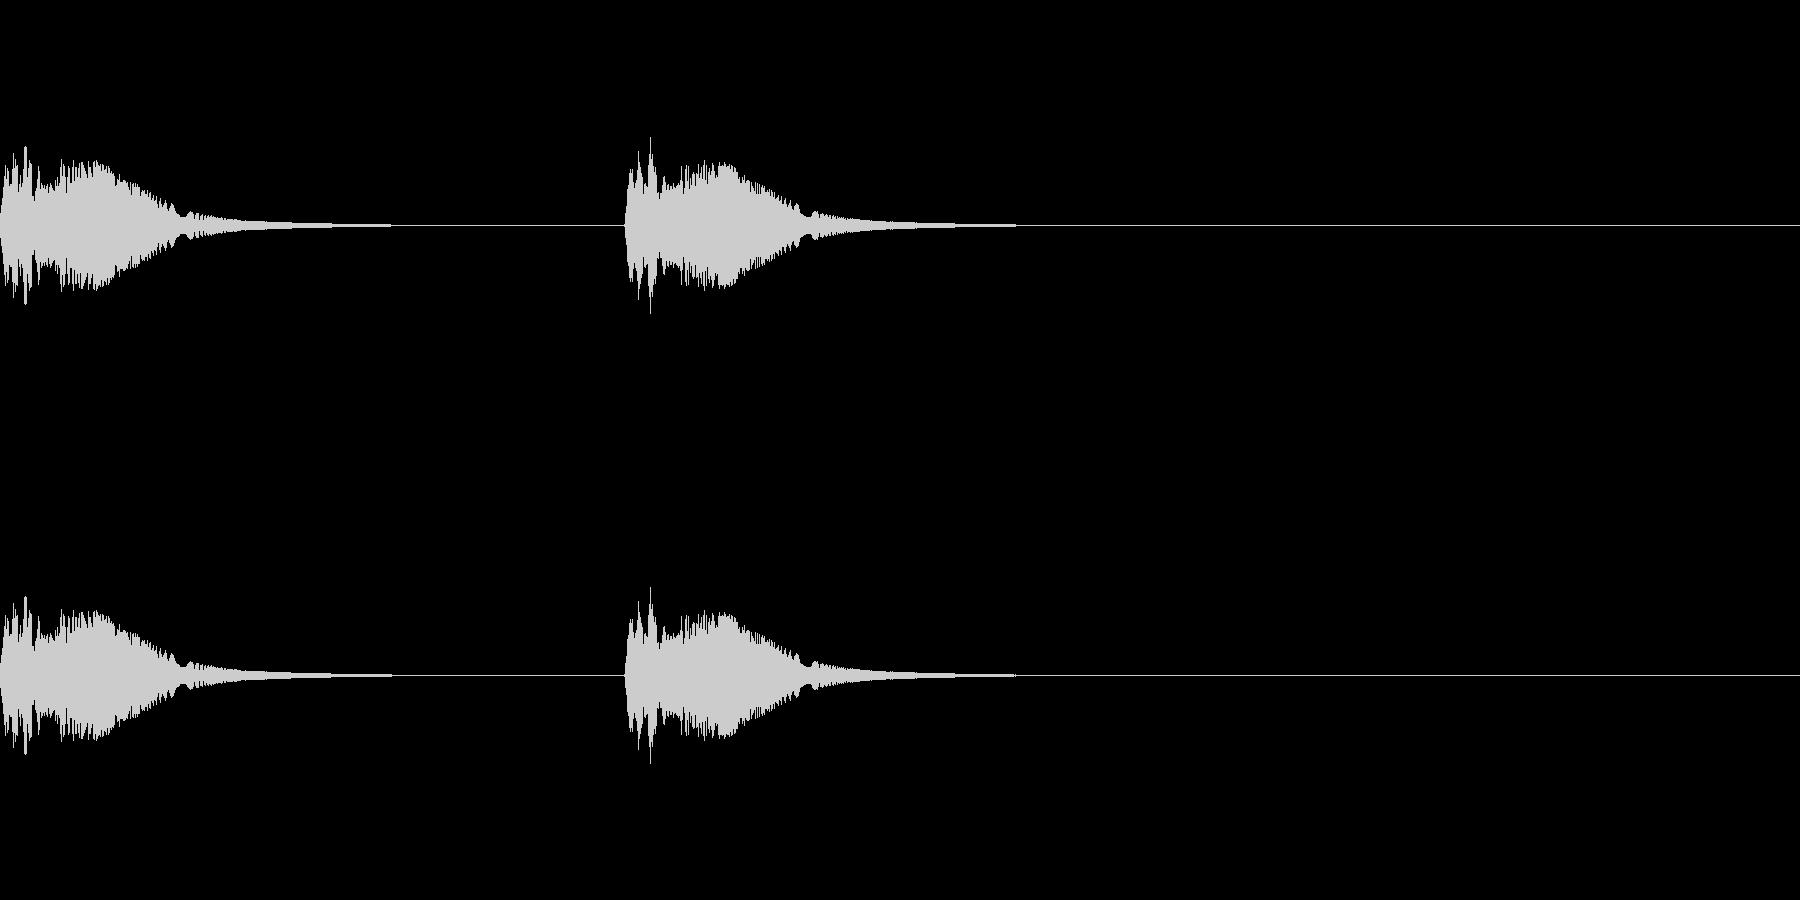 あたりをキョロキョロと見回すSE_2回の未再生の波形